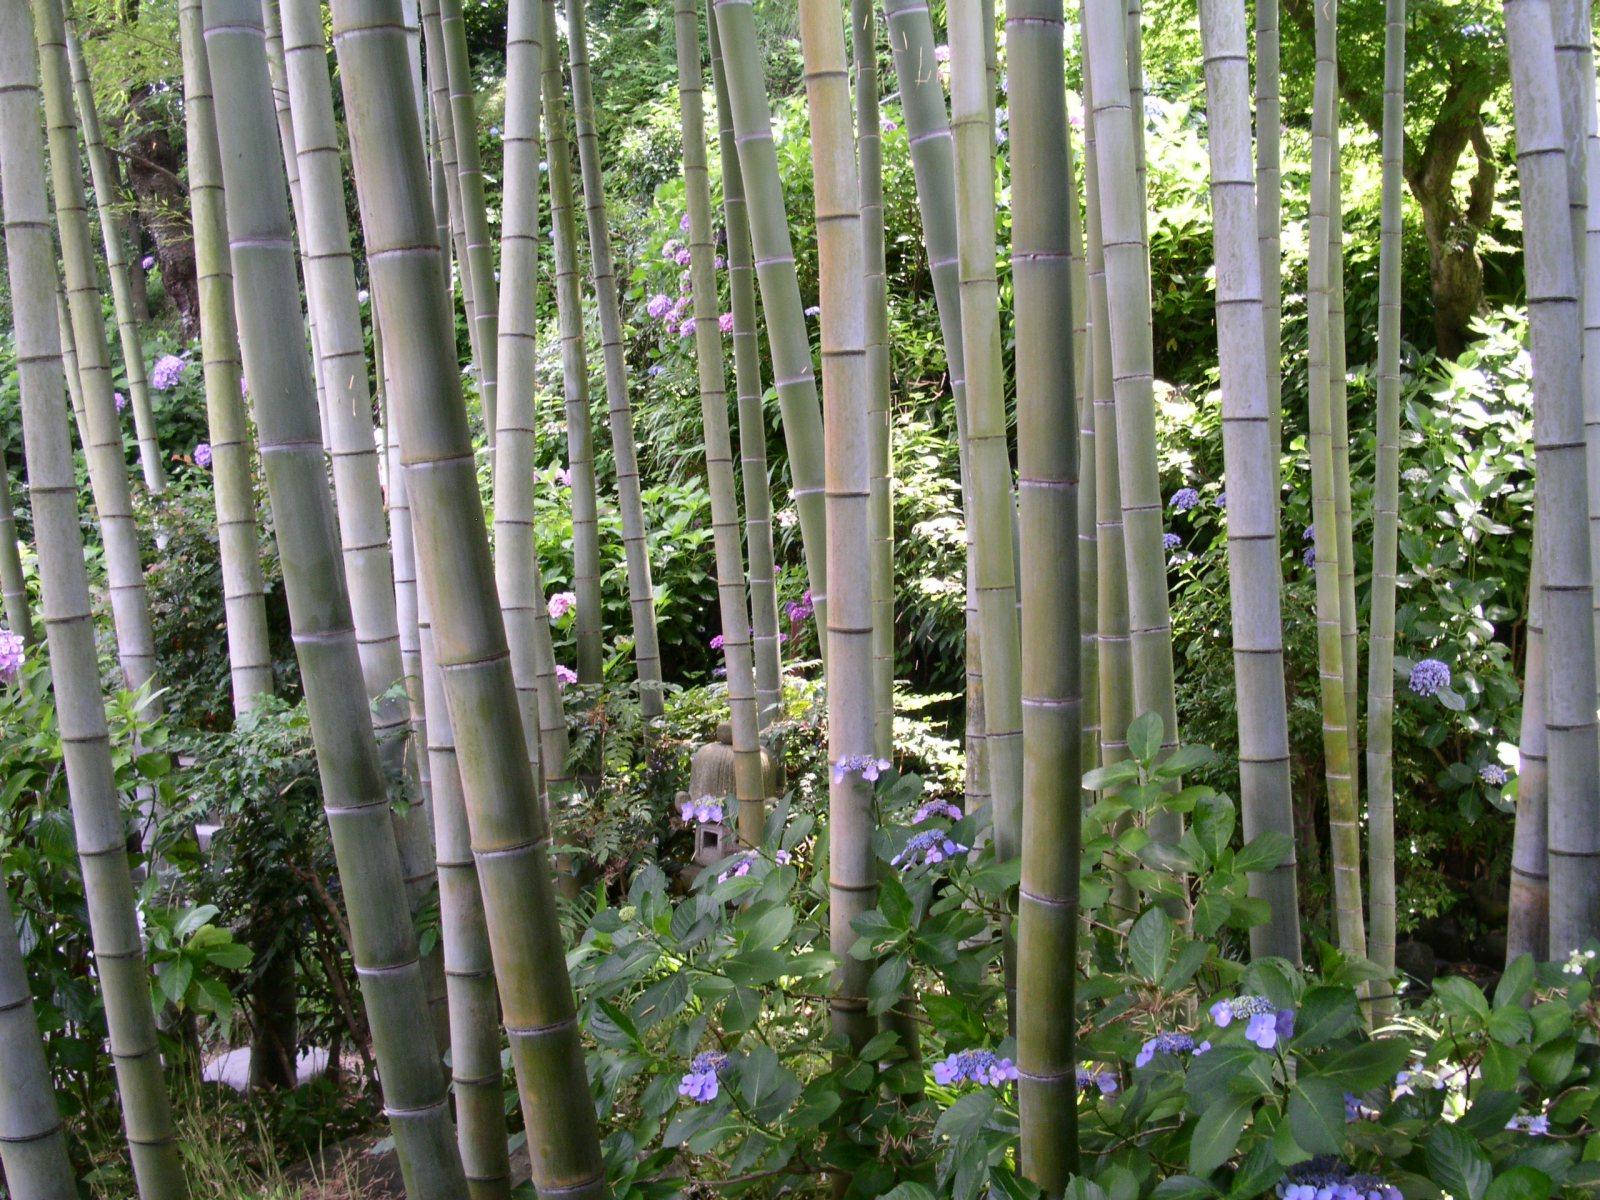 http://2.bp.blogspot.com/-MCgHhskMn4Q/Tq0c81vDFUI/AAAAAAAABe8/psuQswPOuC0/s1600/kamakura_bamboo_wallpaper.jpg